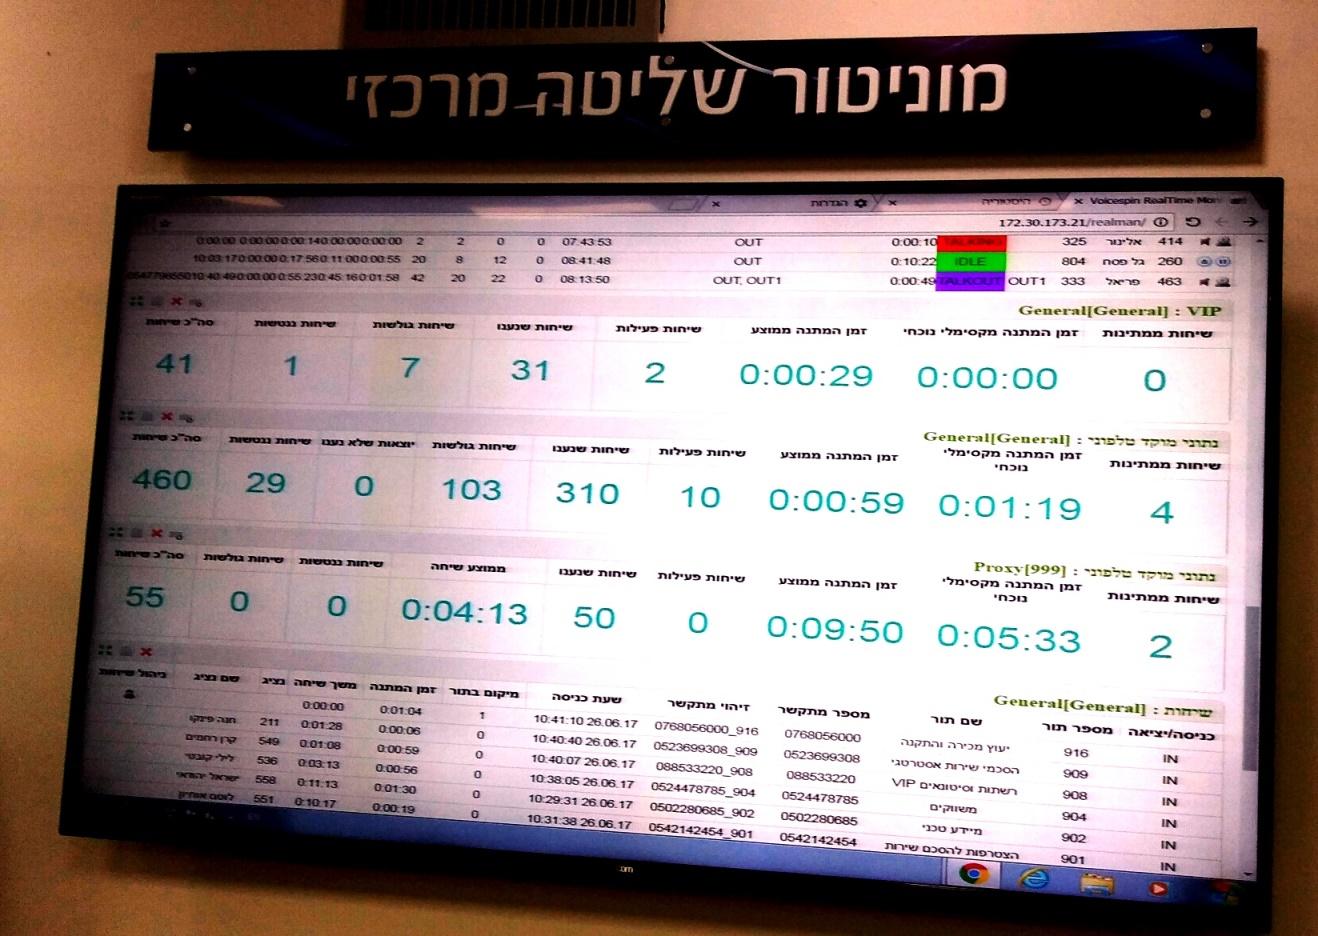 מסך המוניטור במרכז השליטה של בחולון המאפשר לדעת מה מצבו של כל מזגן שנרכש